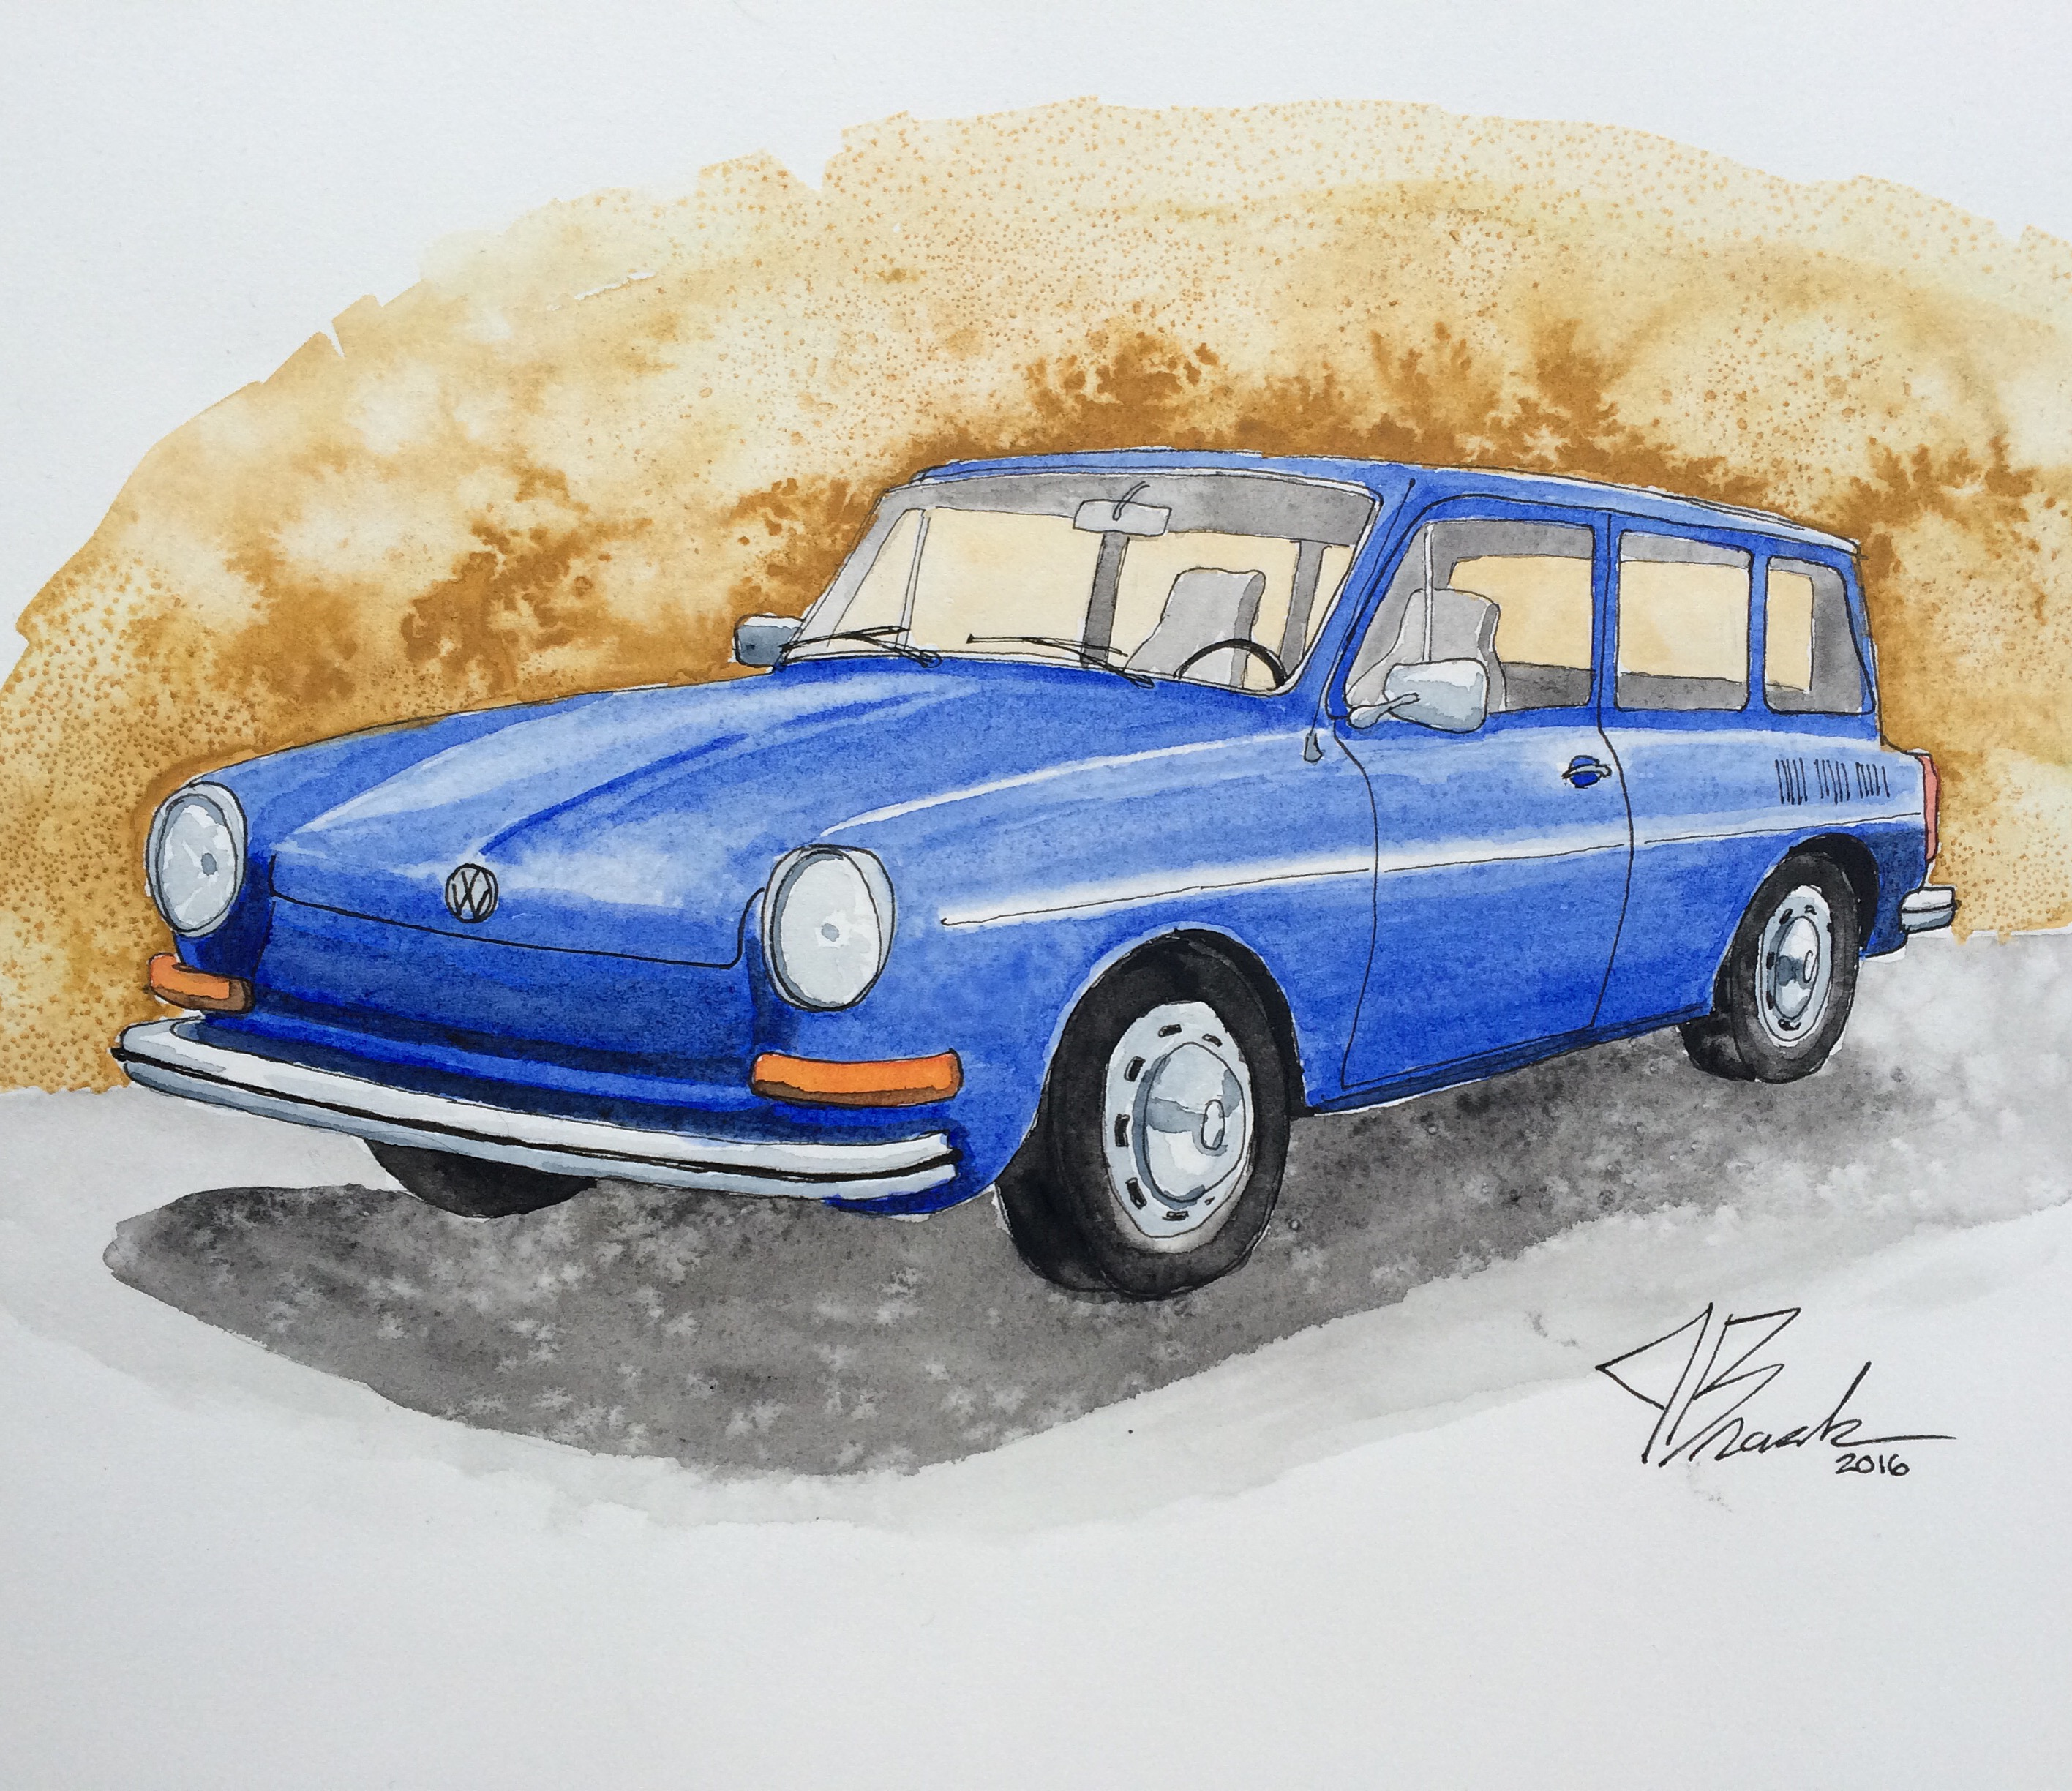 VW Squareback